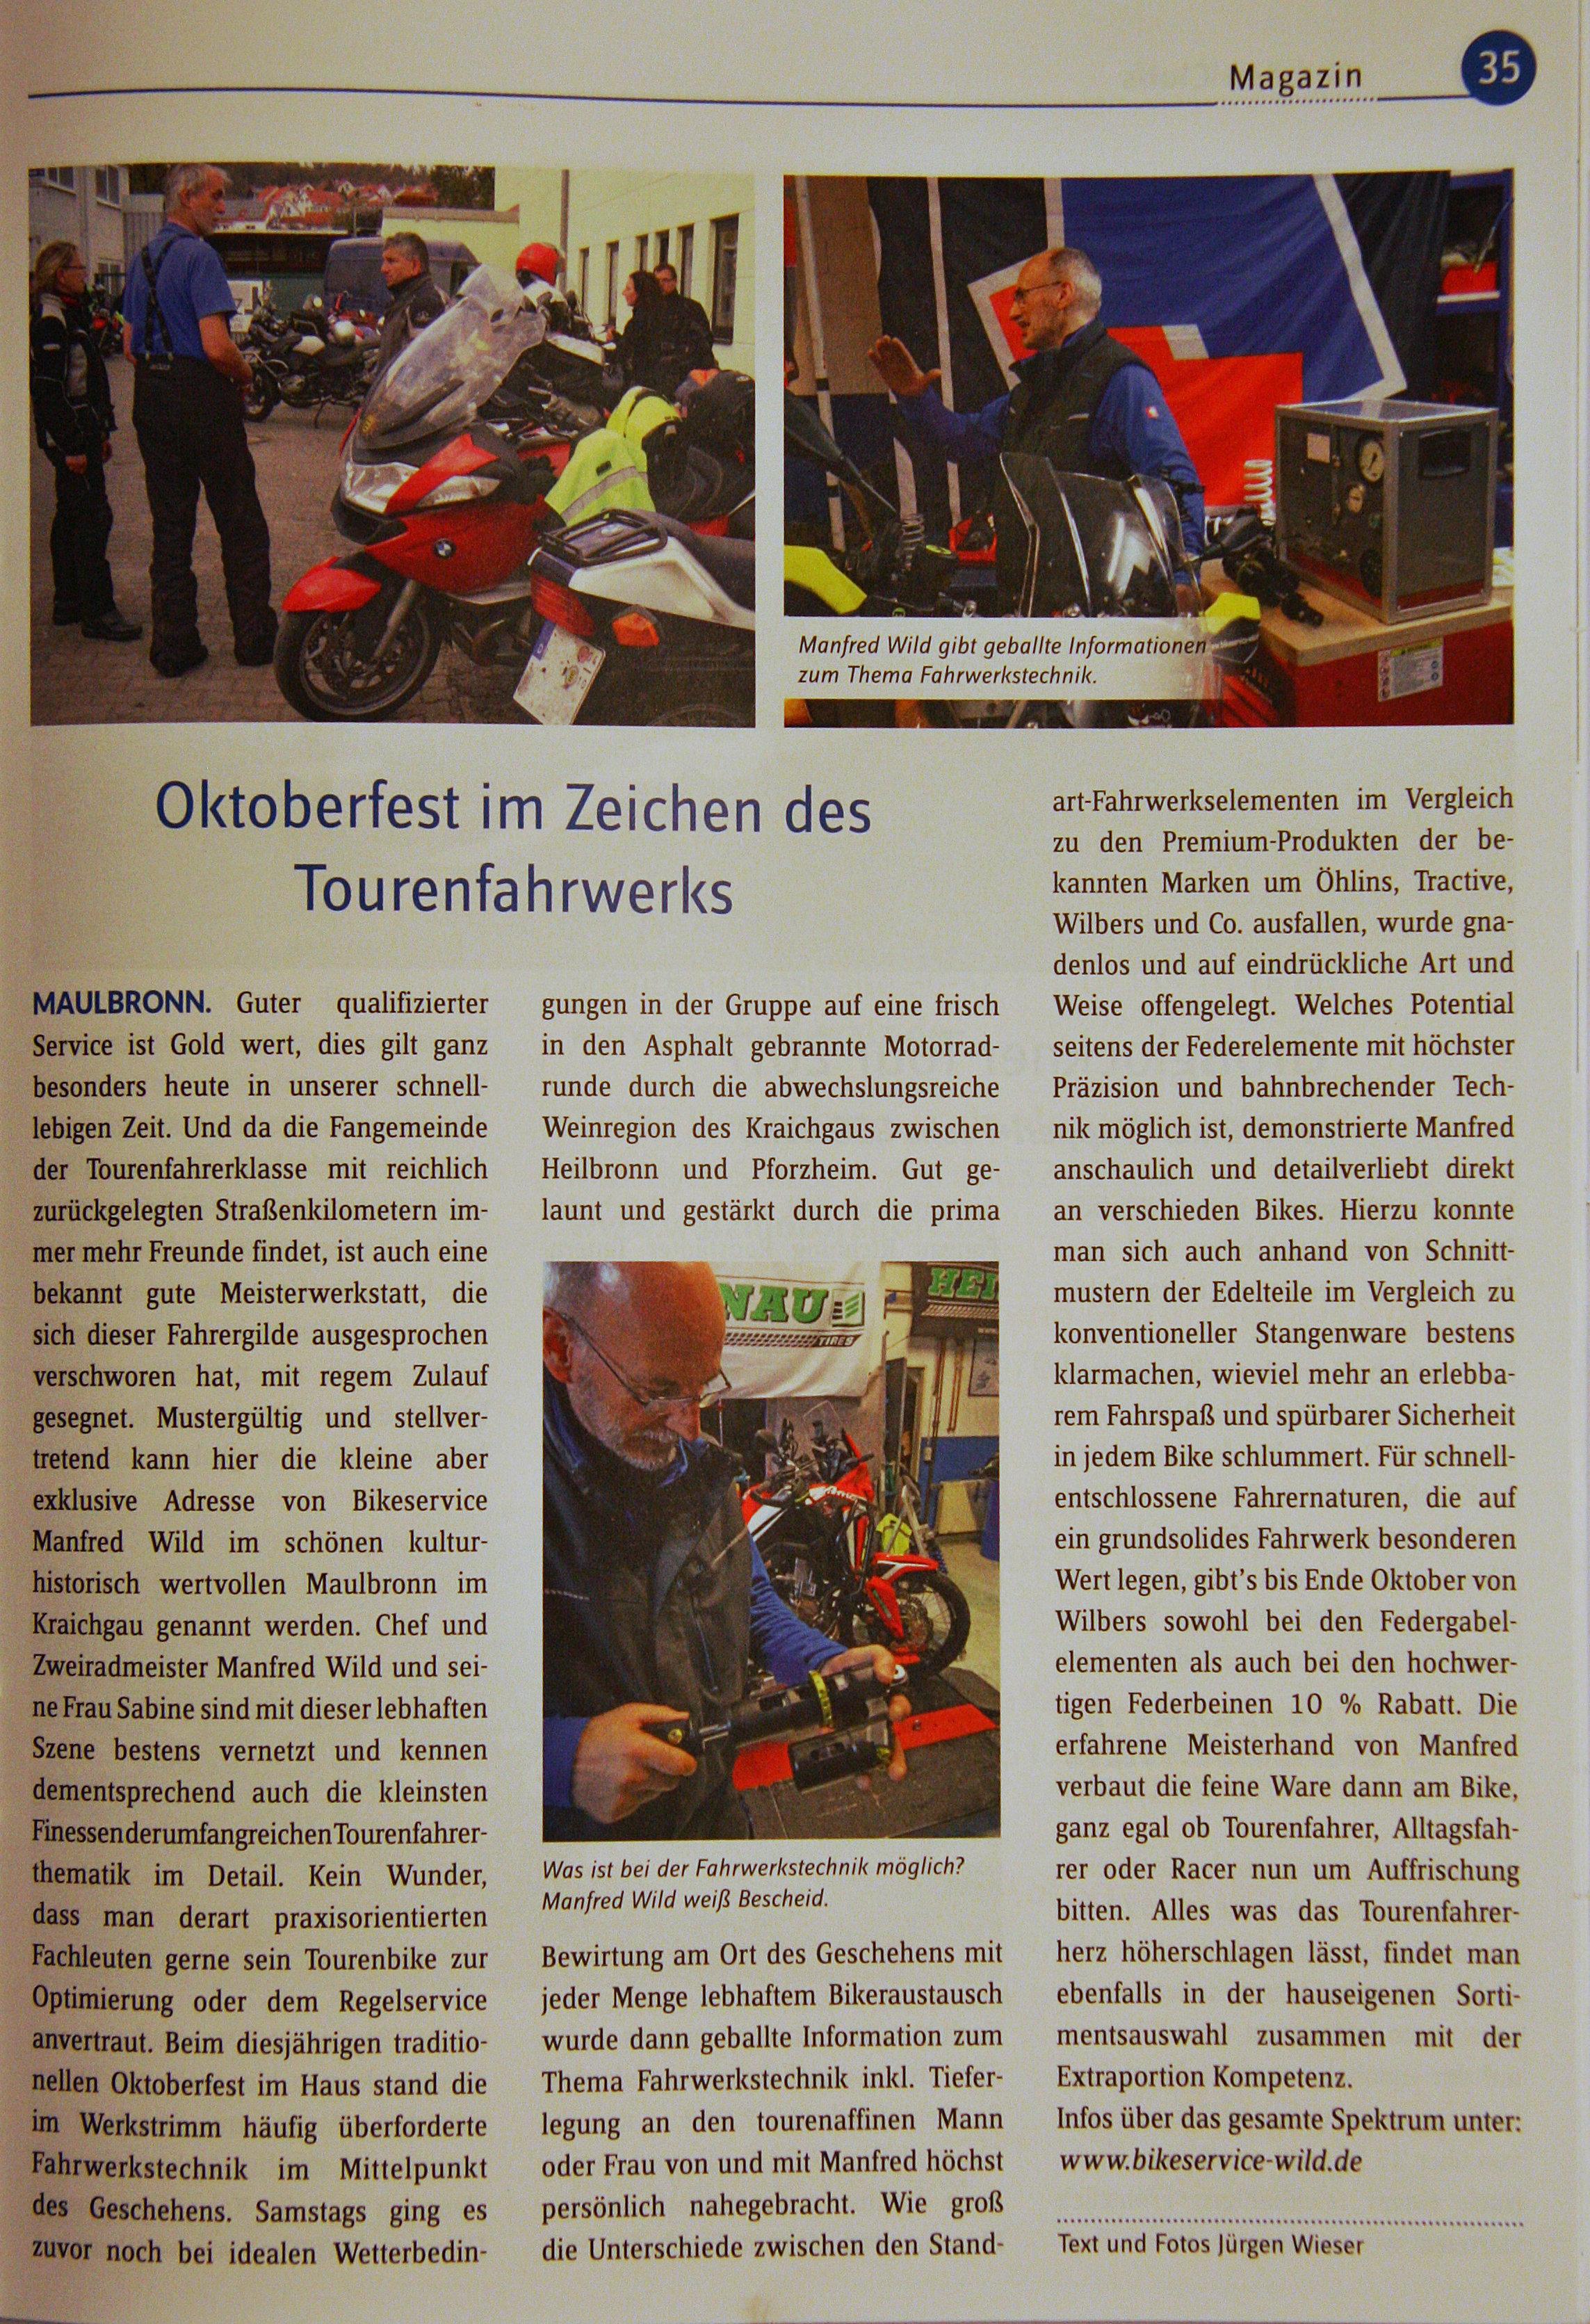 Artikel im bmm Magazin. Von Jürgen Wieser.